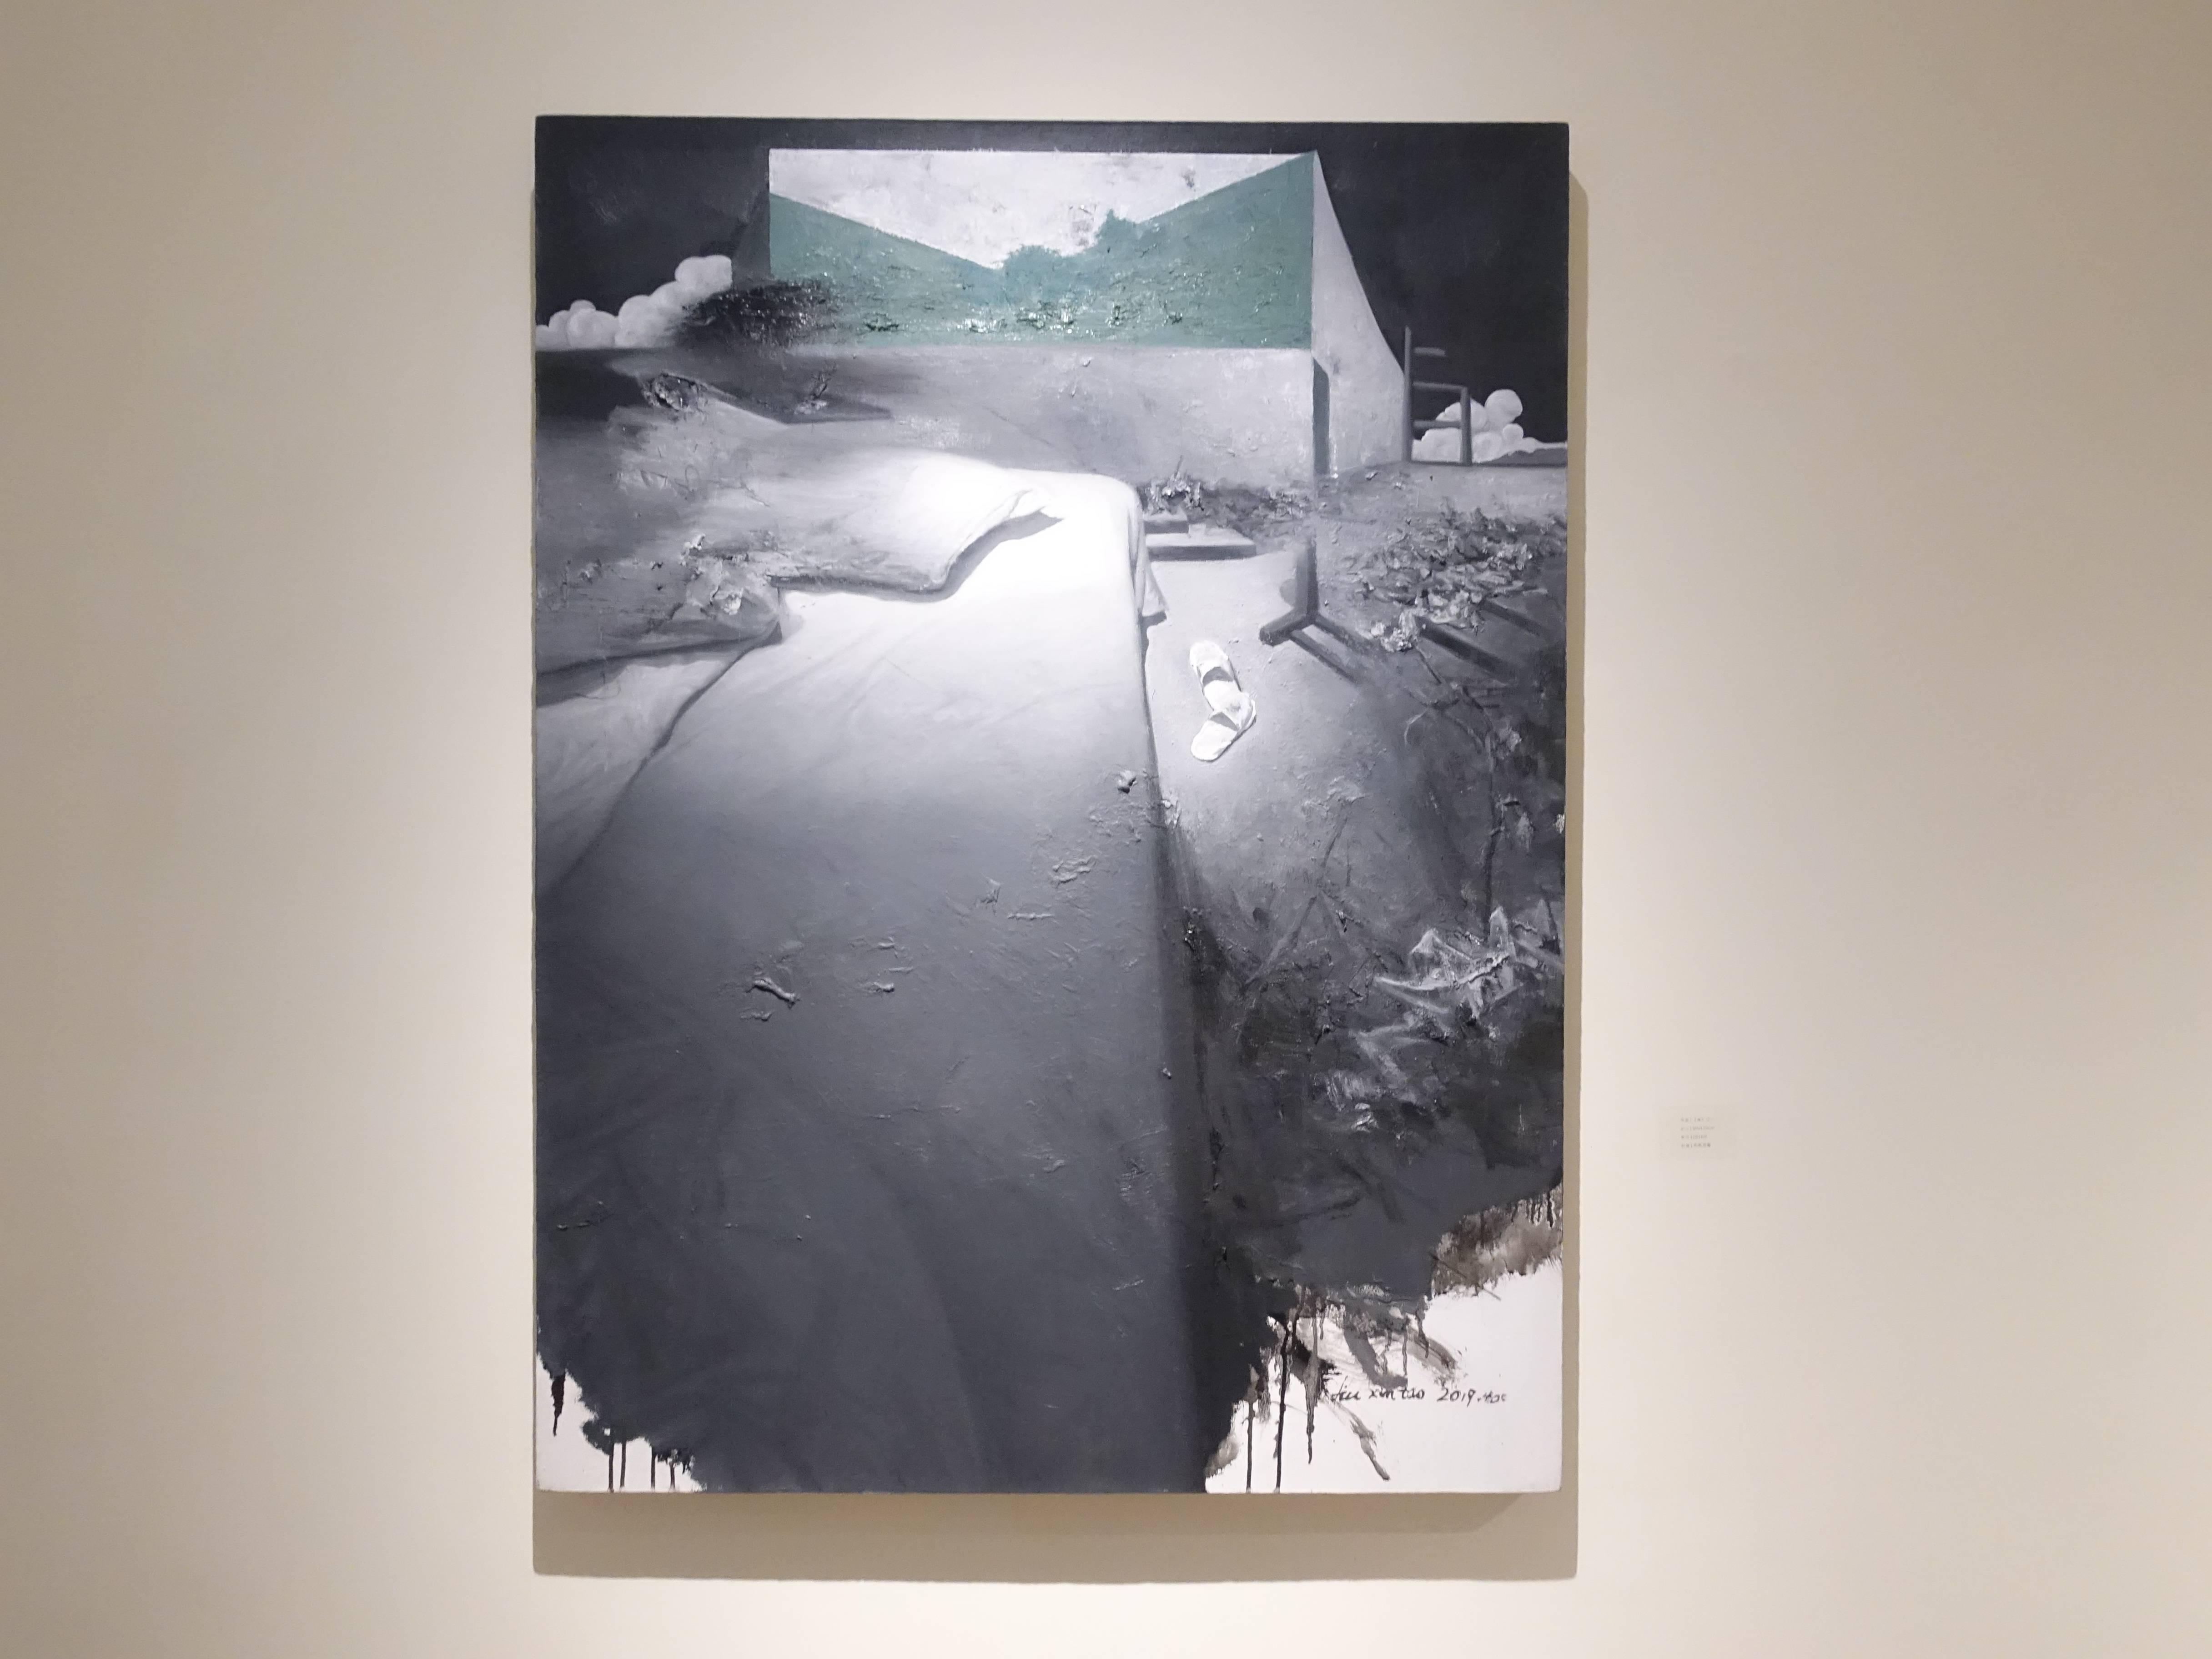 劉芯濤,《無關的風景之六》,90 x 120 cm,布面油畫,2019。